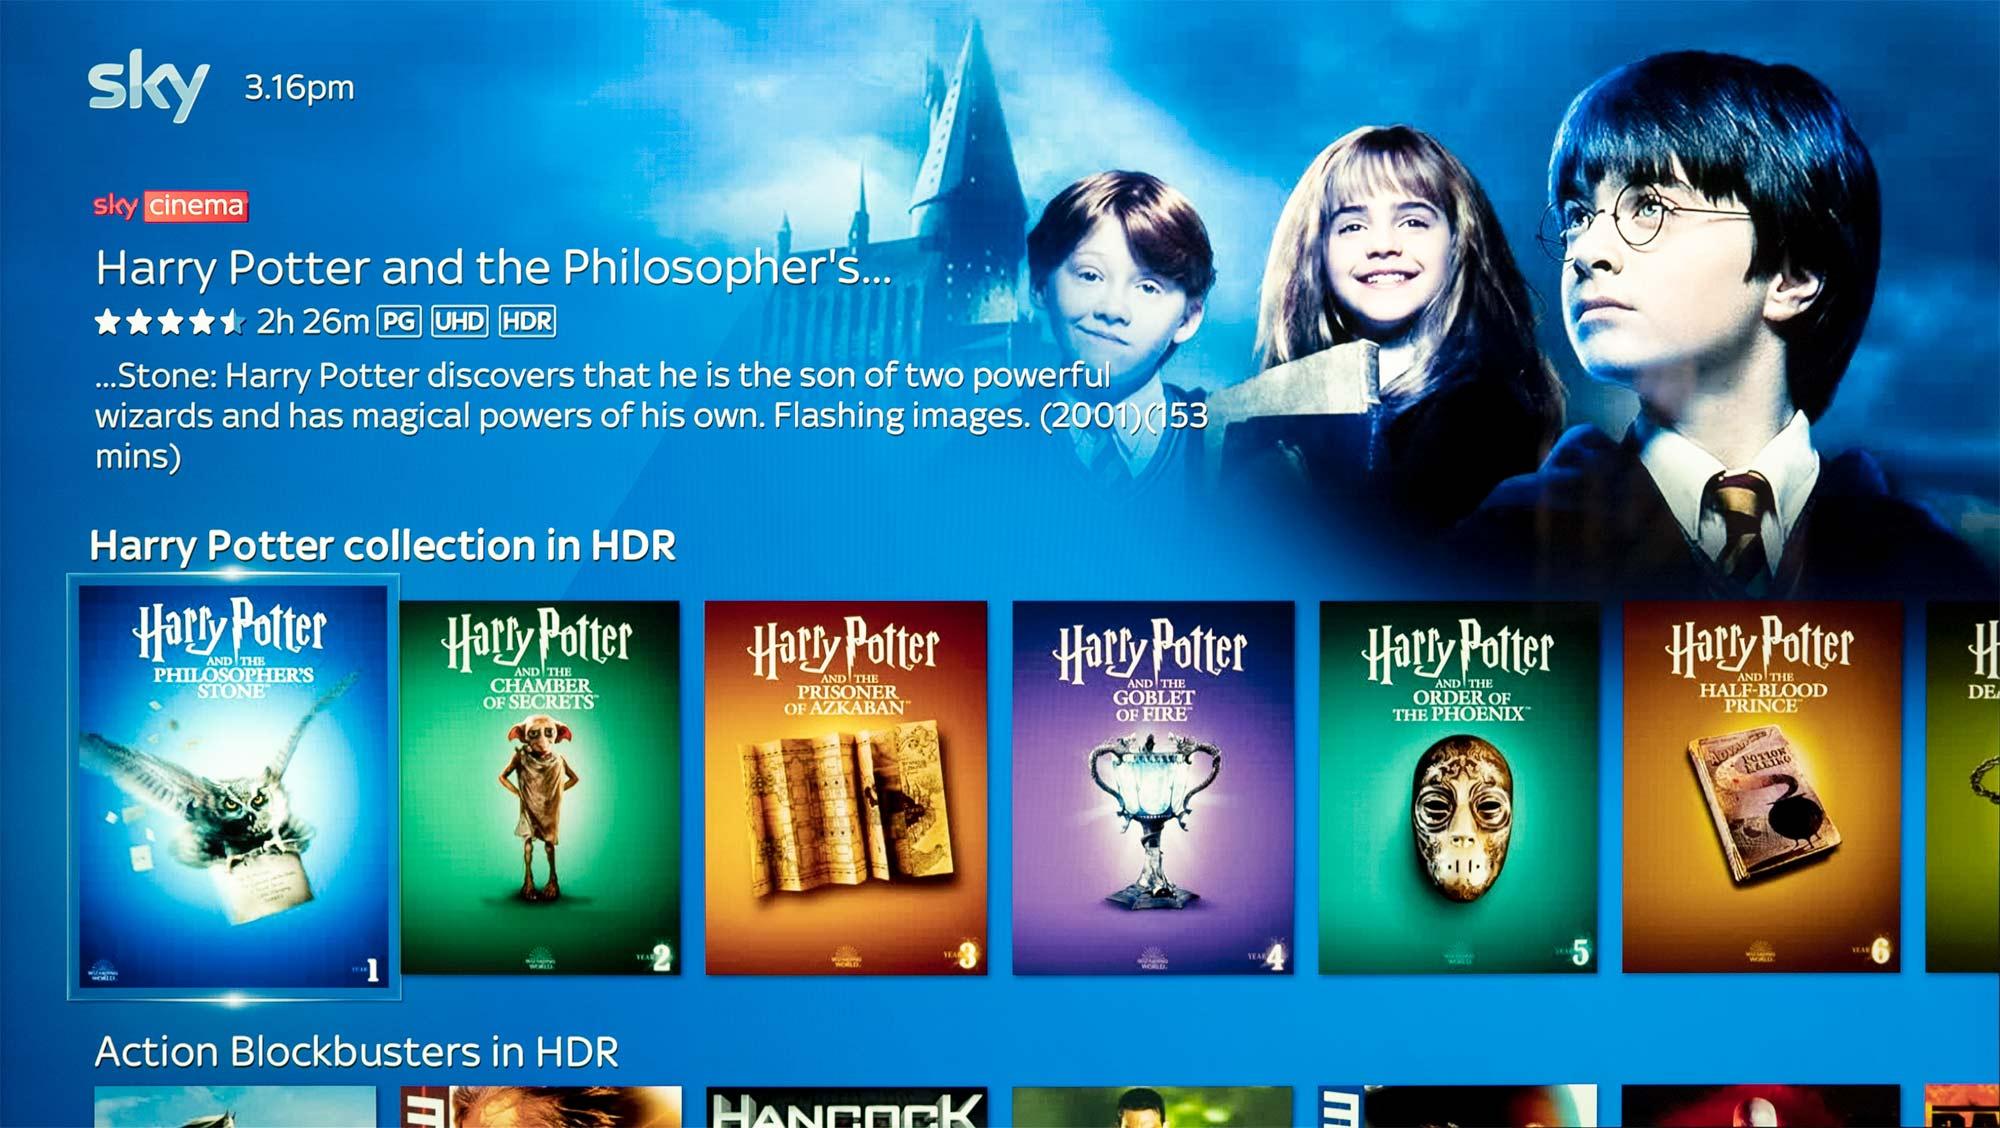 Harry Potter on Sky